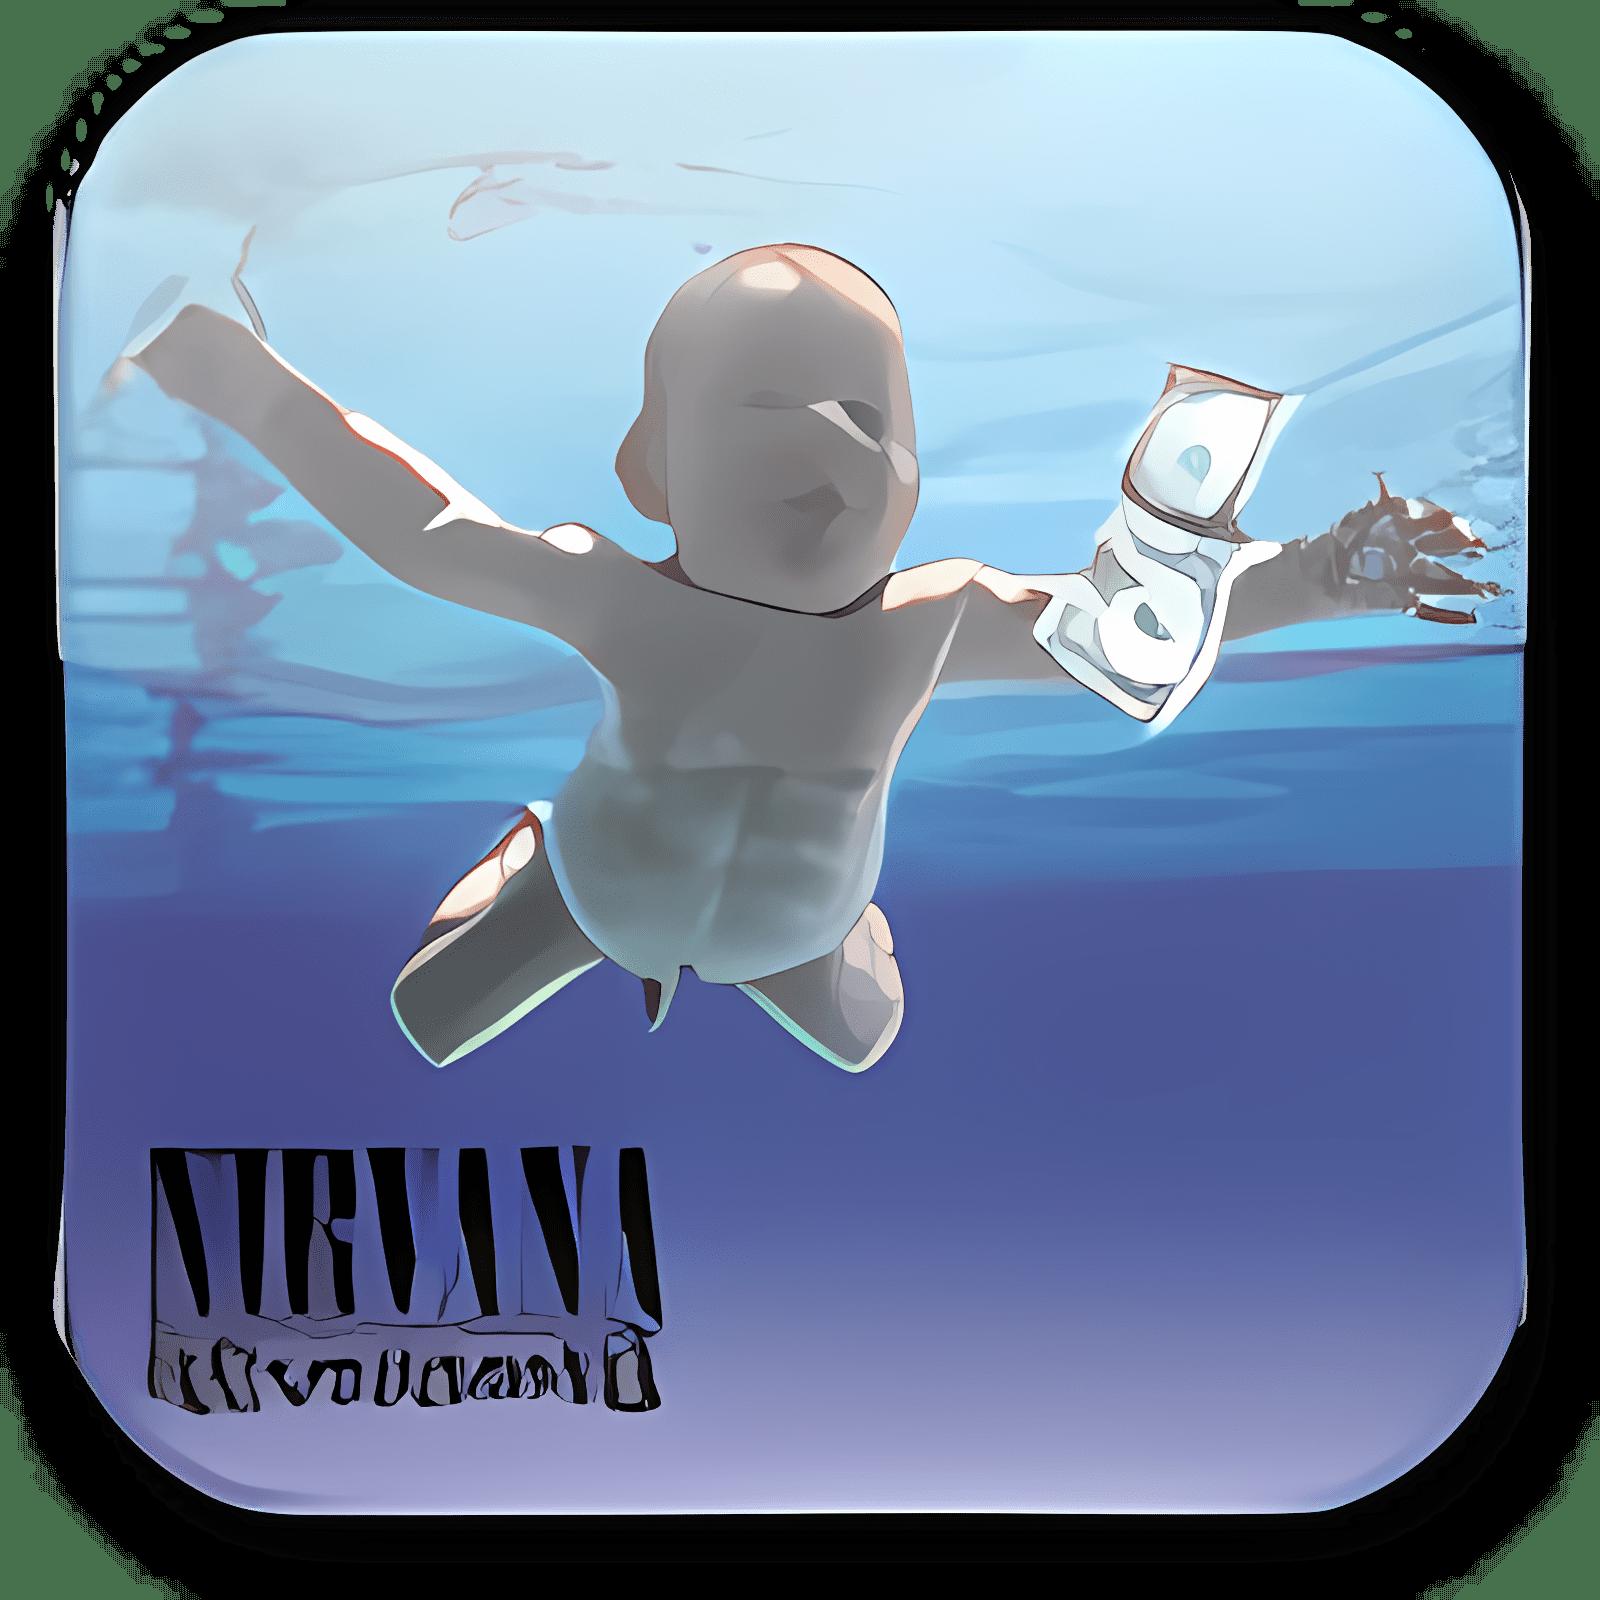 Cover Art Downloader